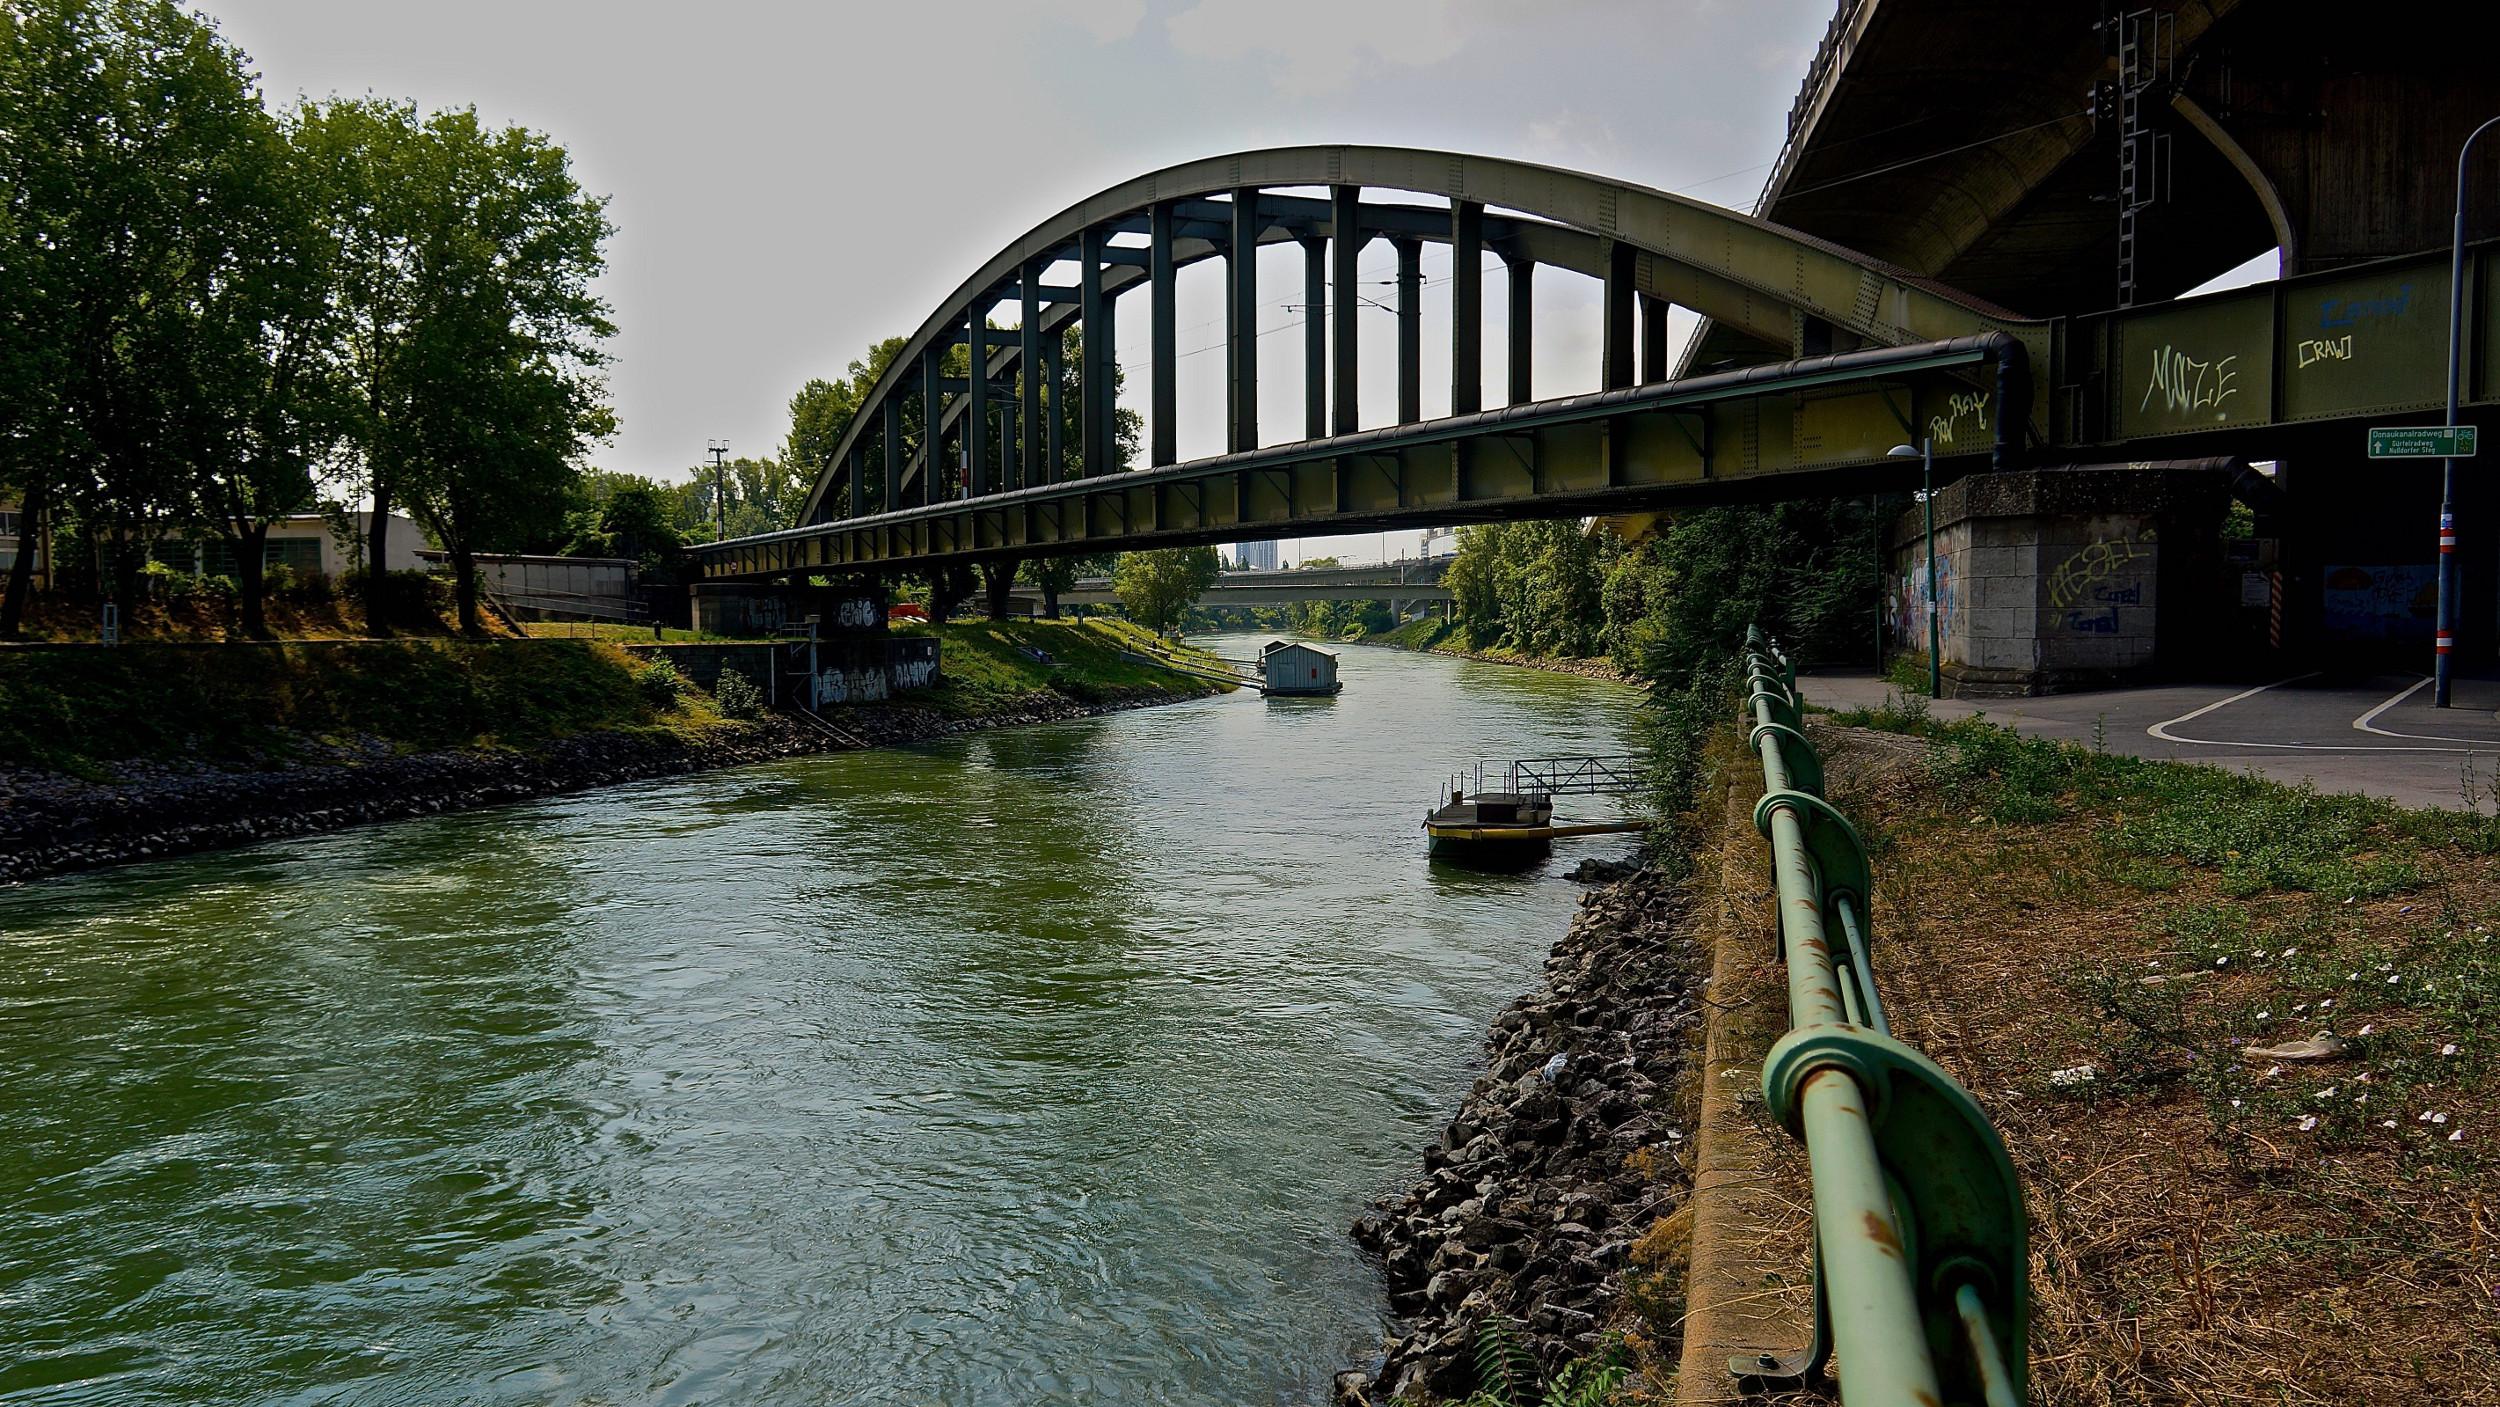 Nussdorf 3